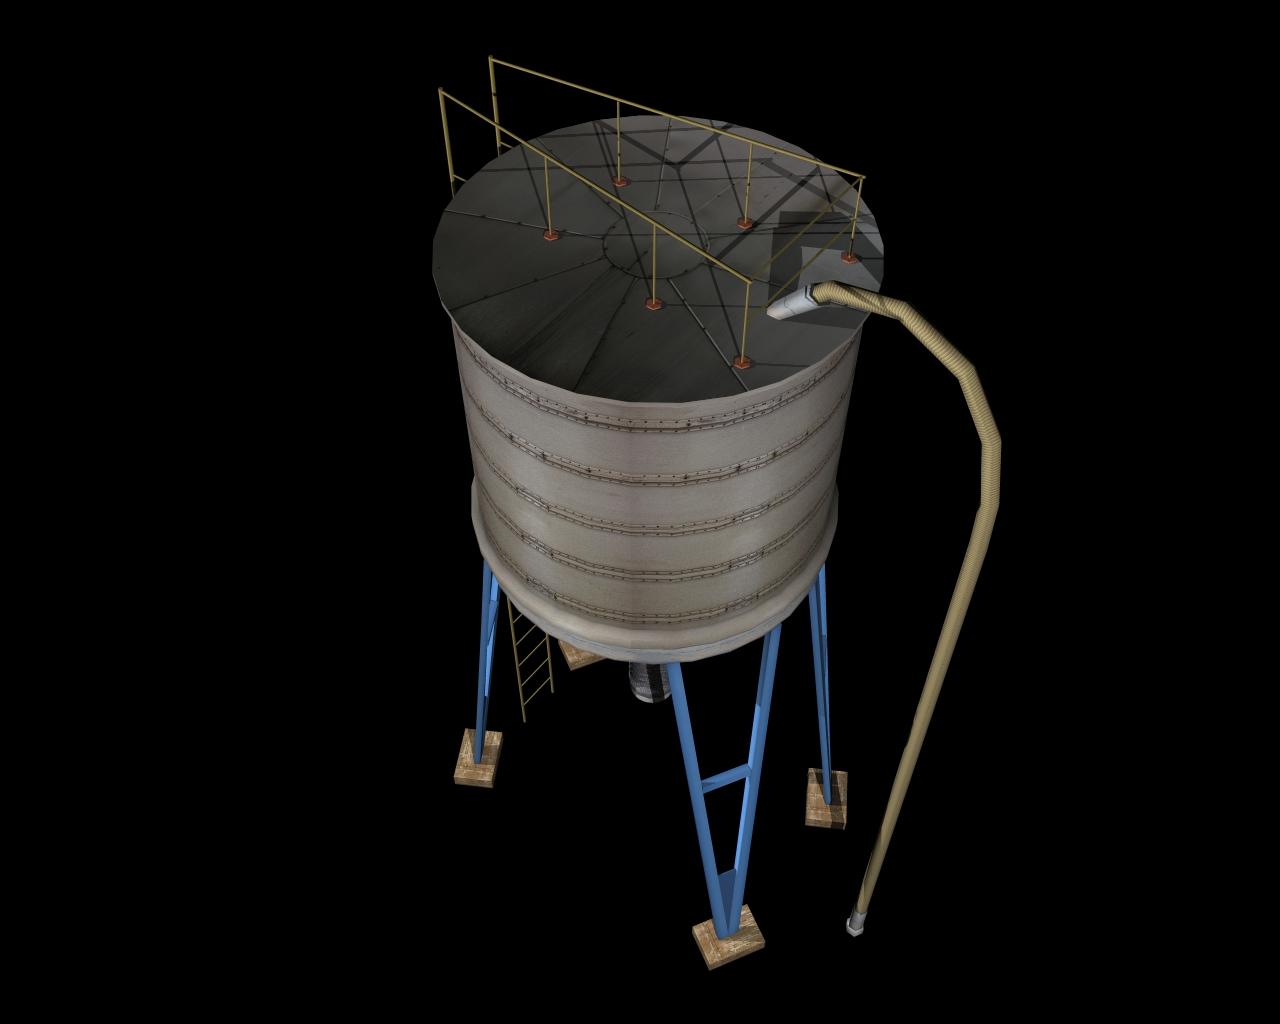 silo 3d model 3ds 164145